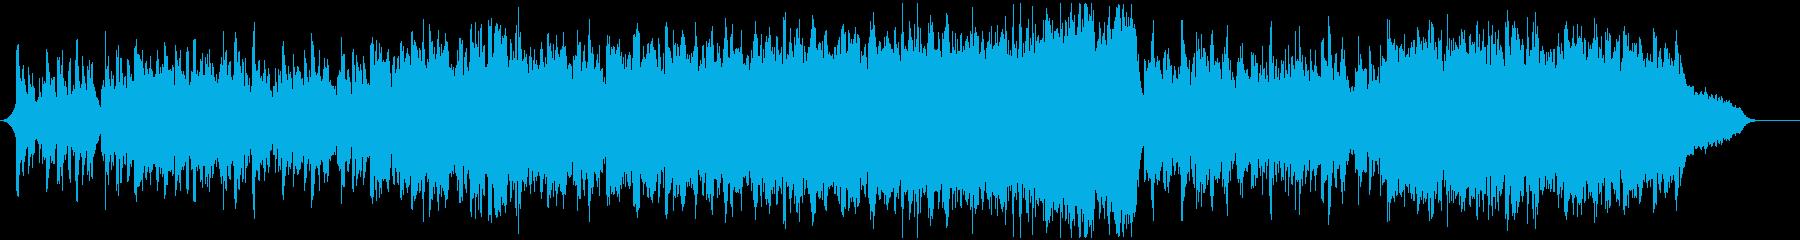 復興をイメージした前向きで広がりのある曲の再生済みの波形